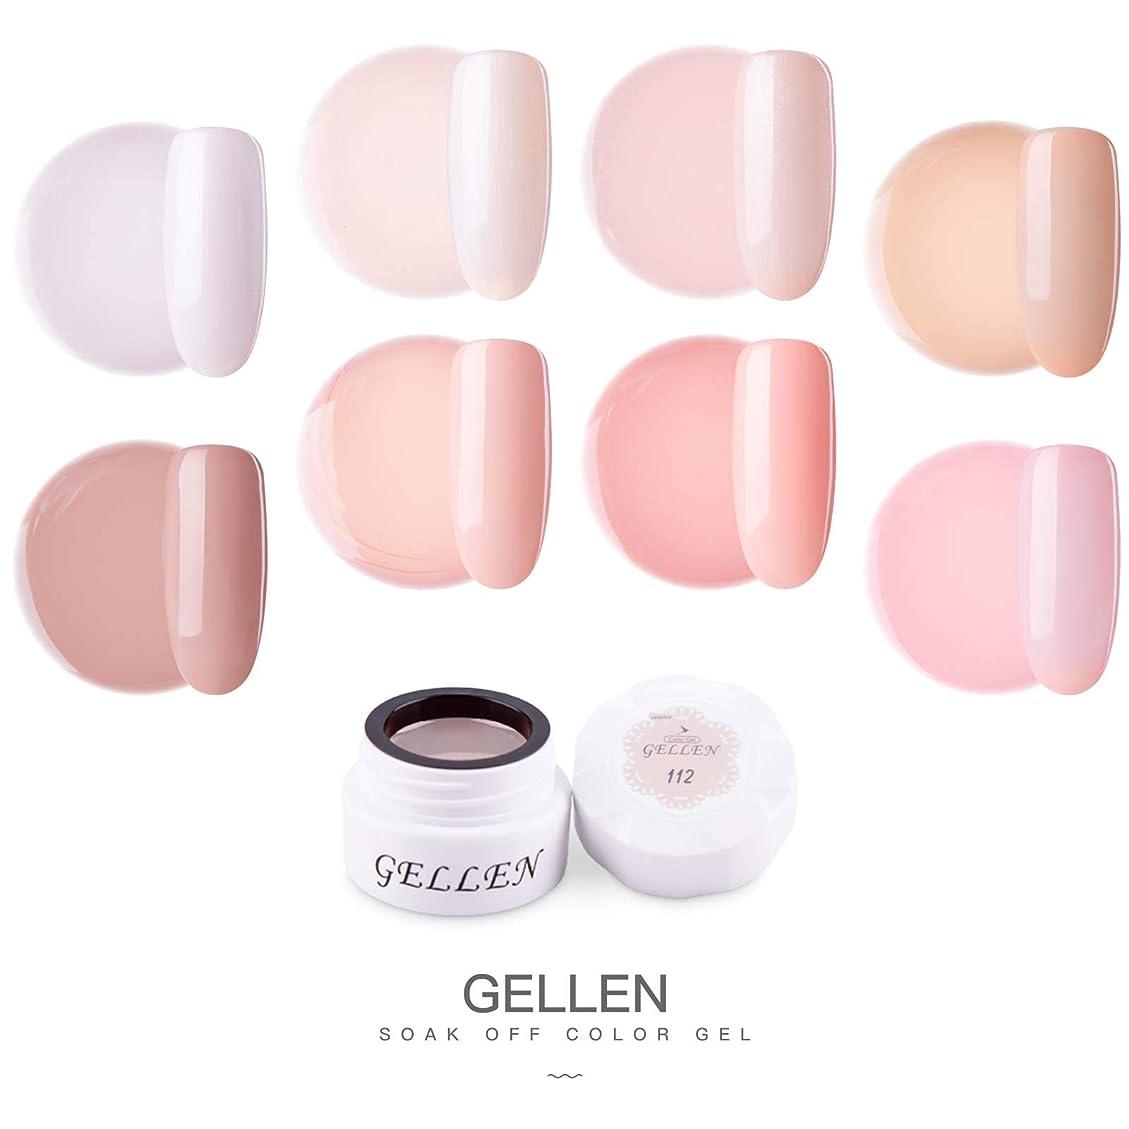 利得朝もっともらしいGellen カラージェル 8色 セット[ヌードピンク系]高品質 5g ジェルネイル カラー ネイルブラシ付き